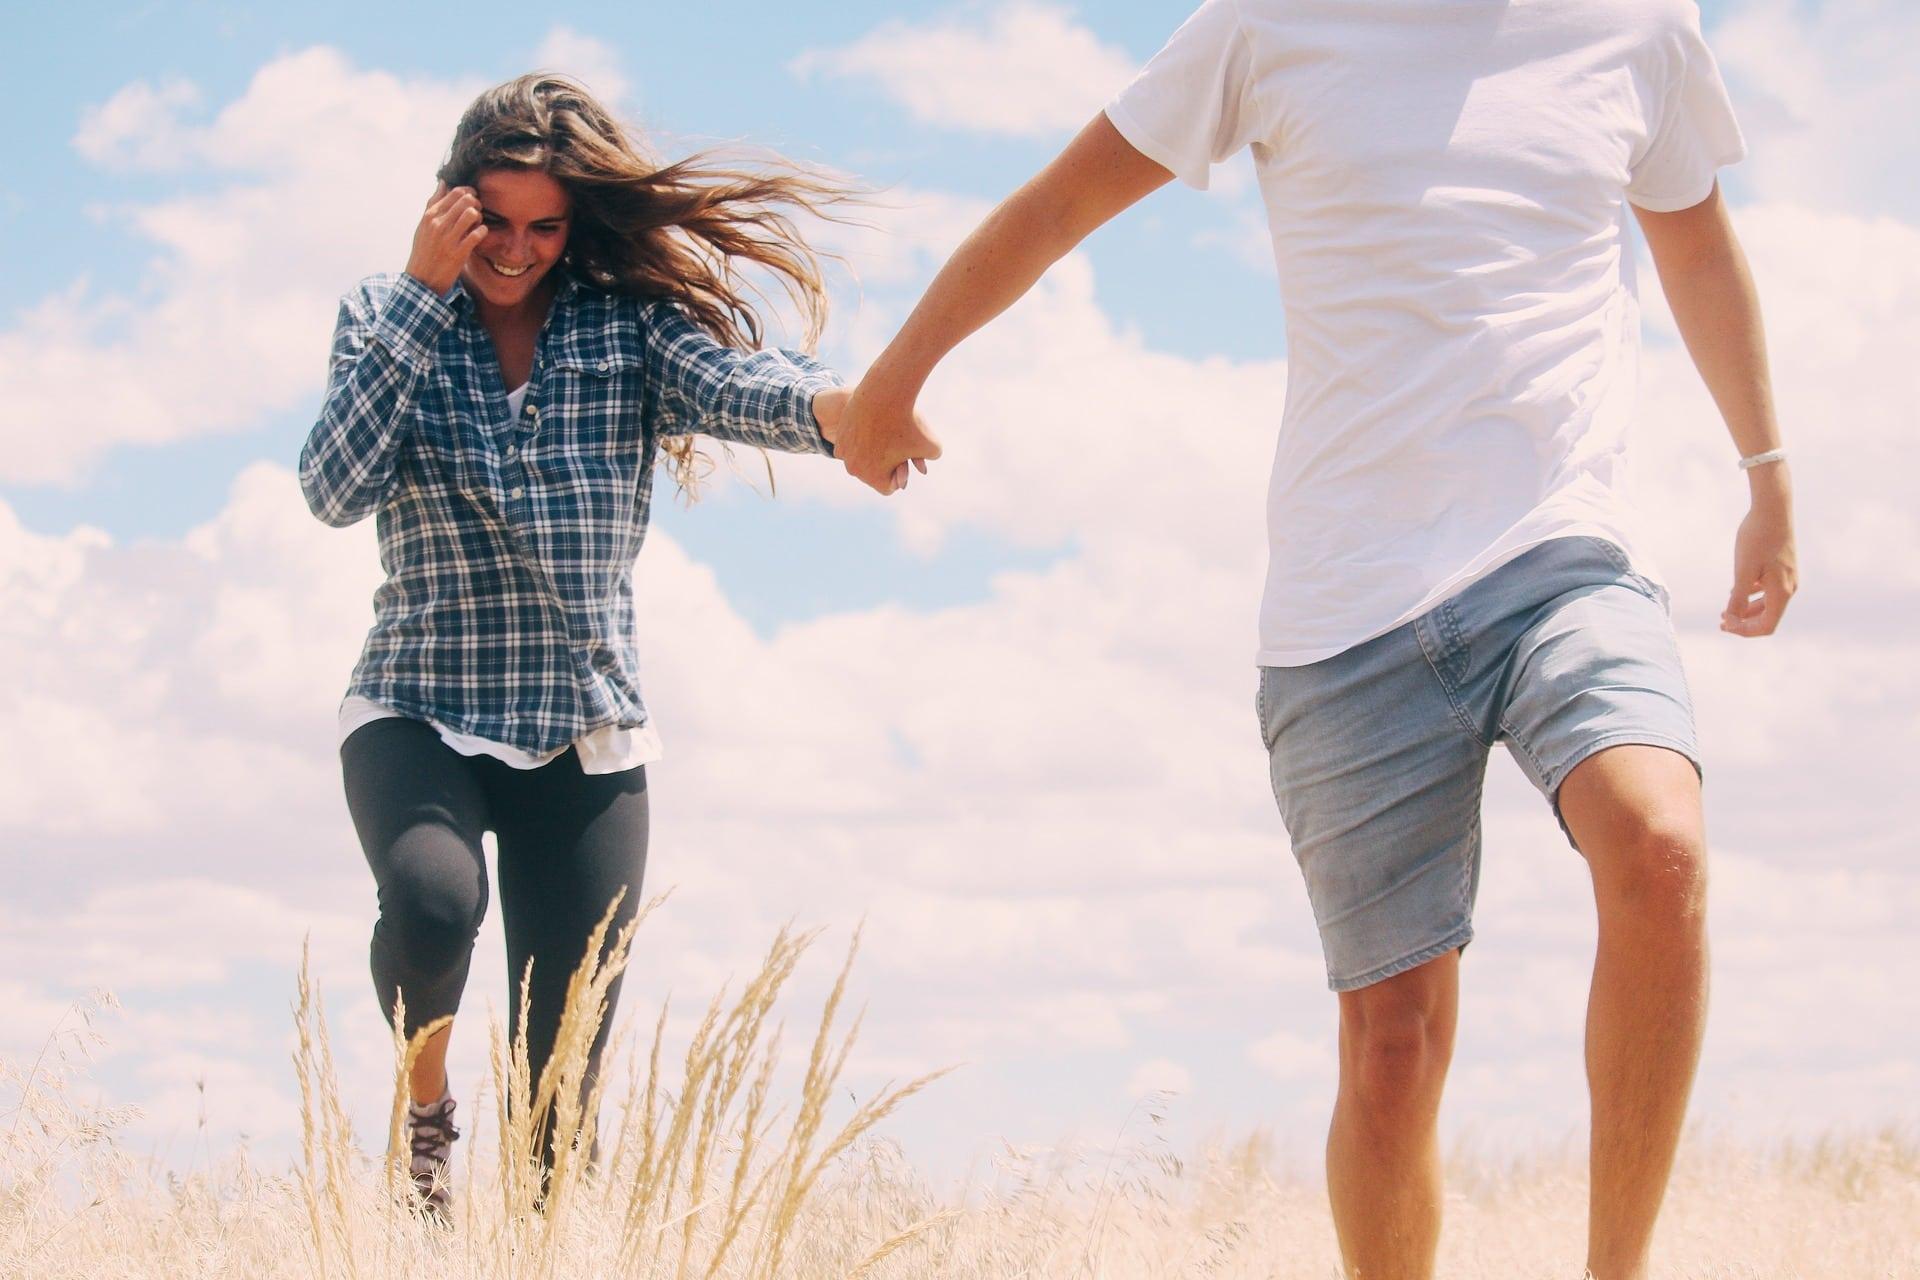 Существует единственная причина, заставляющая мужчину отказываться связать себя узами брака – он просто не хочет на вас жениться